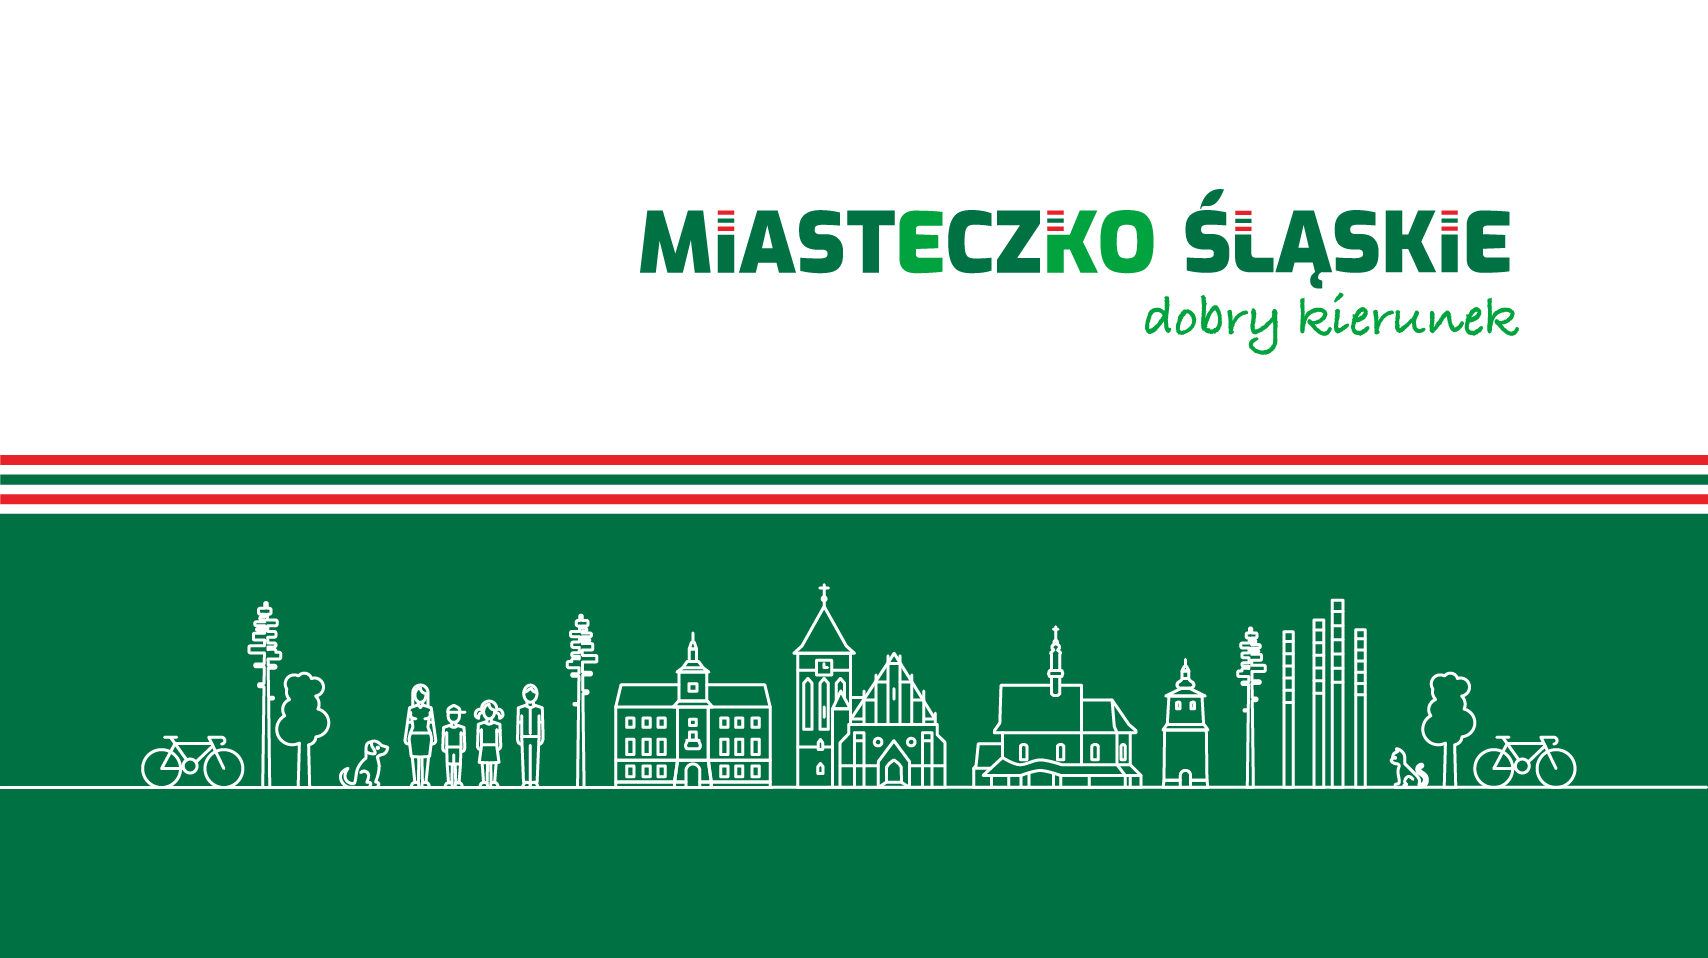 Zarządzenie Burmistrza Miasta Miasteczko Śląskie